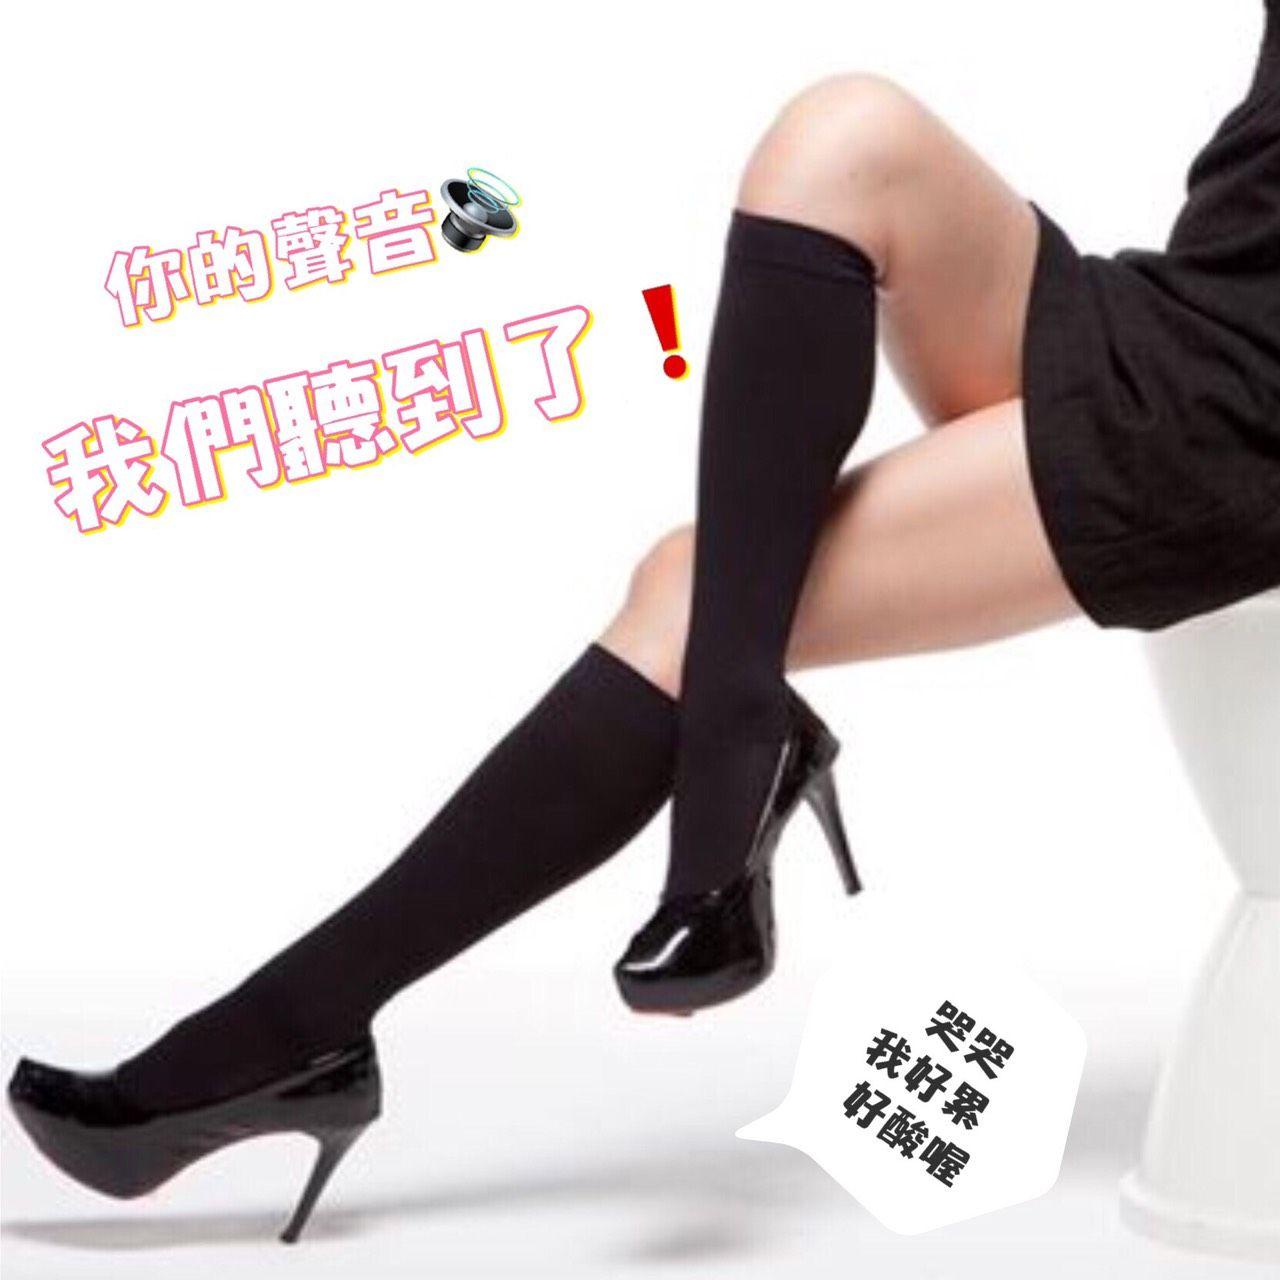 彈性褲襪 機能襪 減壓襪 美腿襪【Bella】